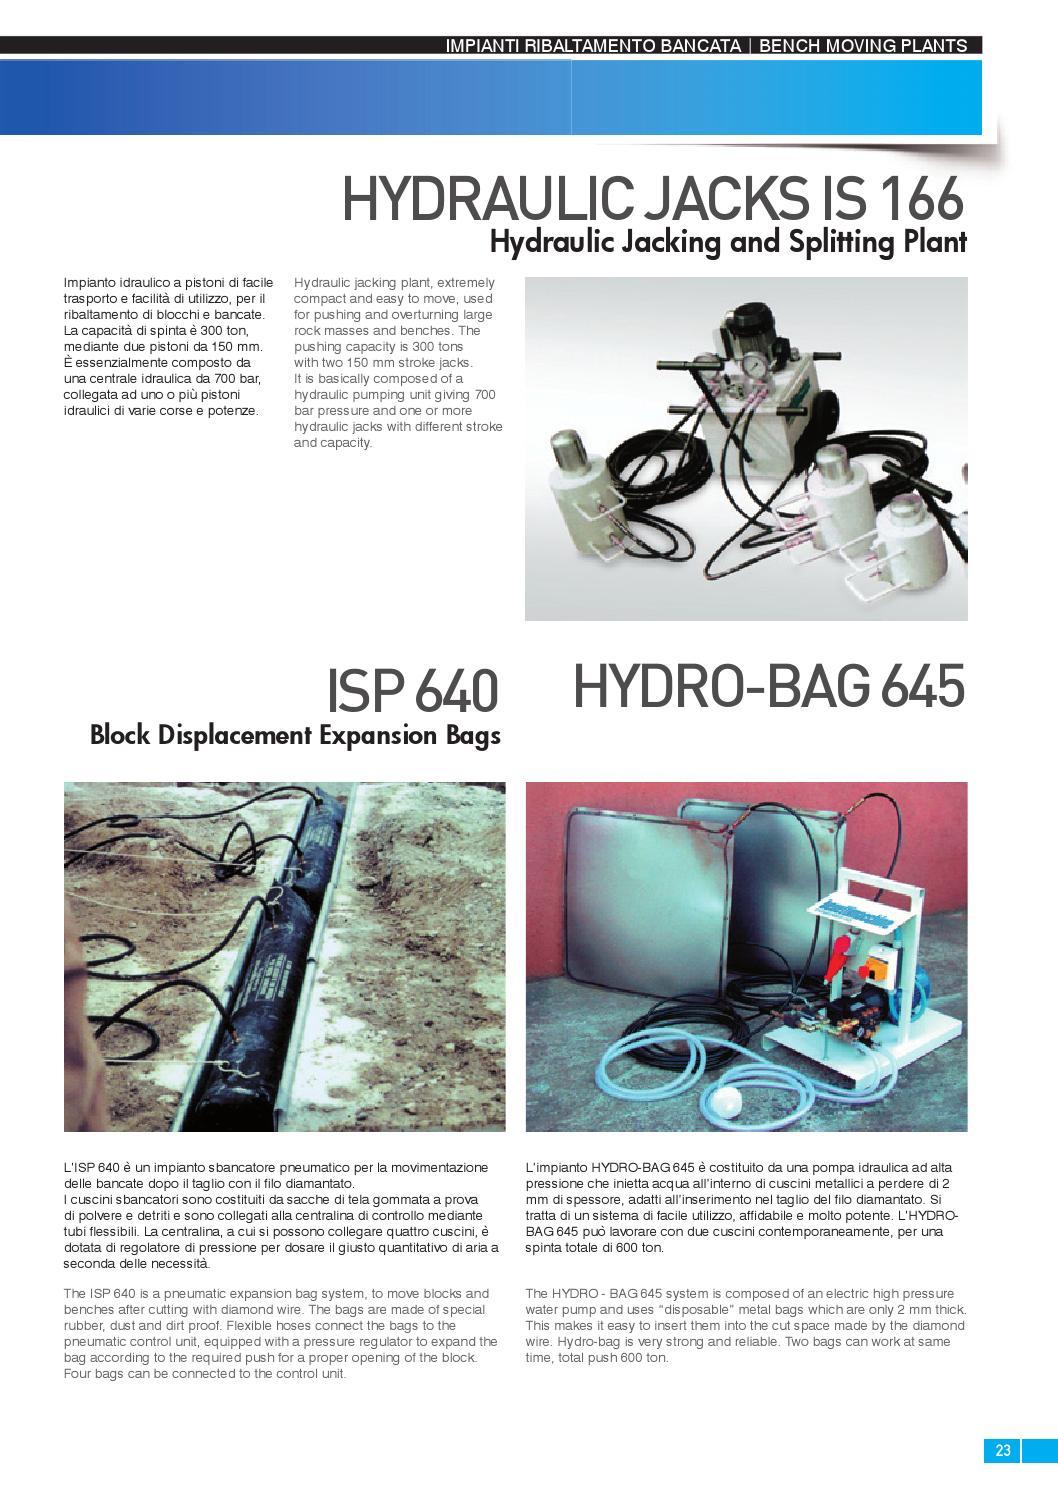 Quanto costa per collegare Hydro Ontario